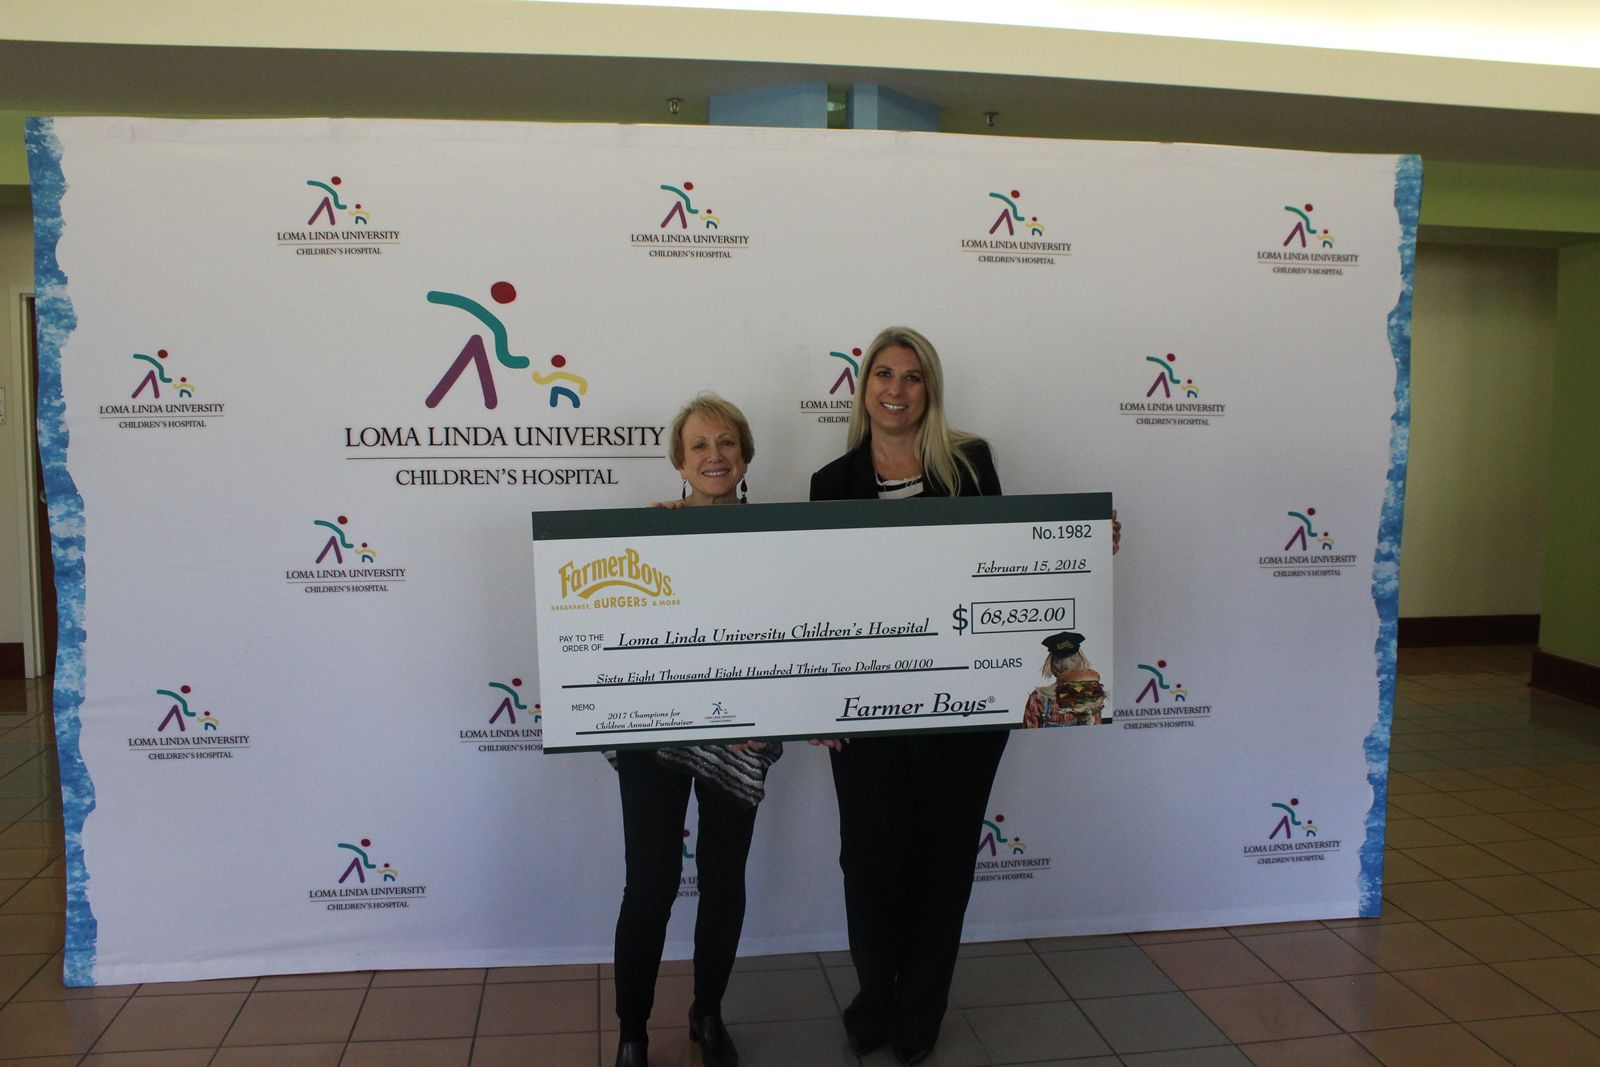 Farmer Boys Raises Nearly $70,000 for Loma Linda University Children's Hospital